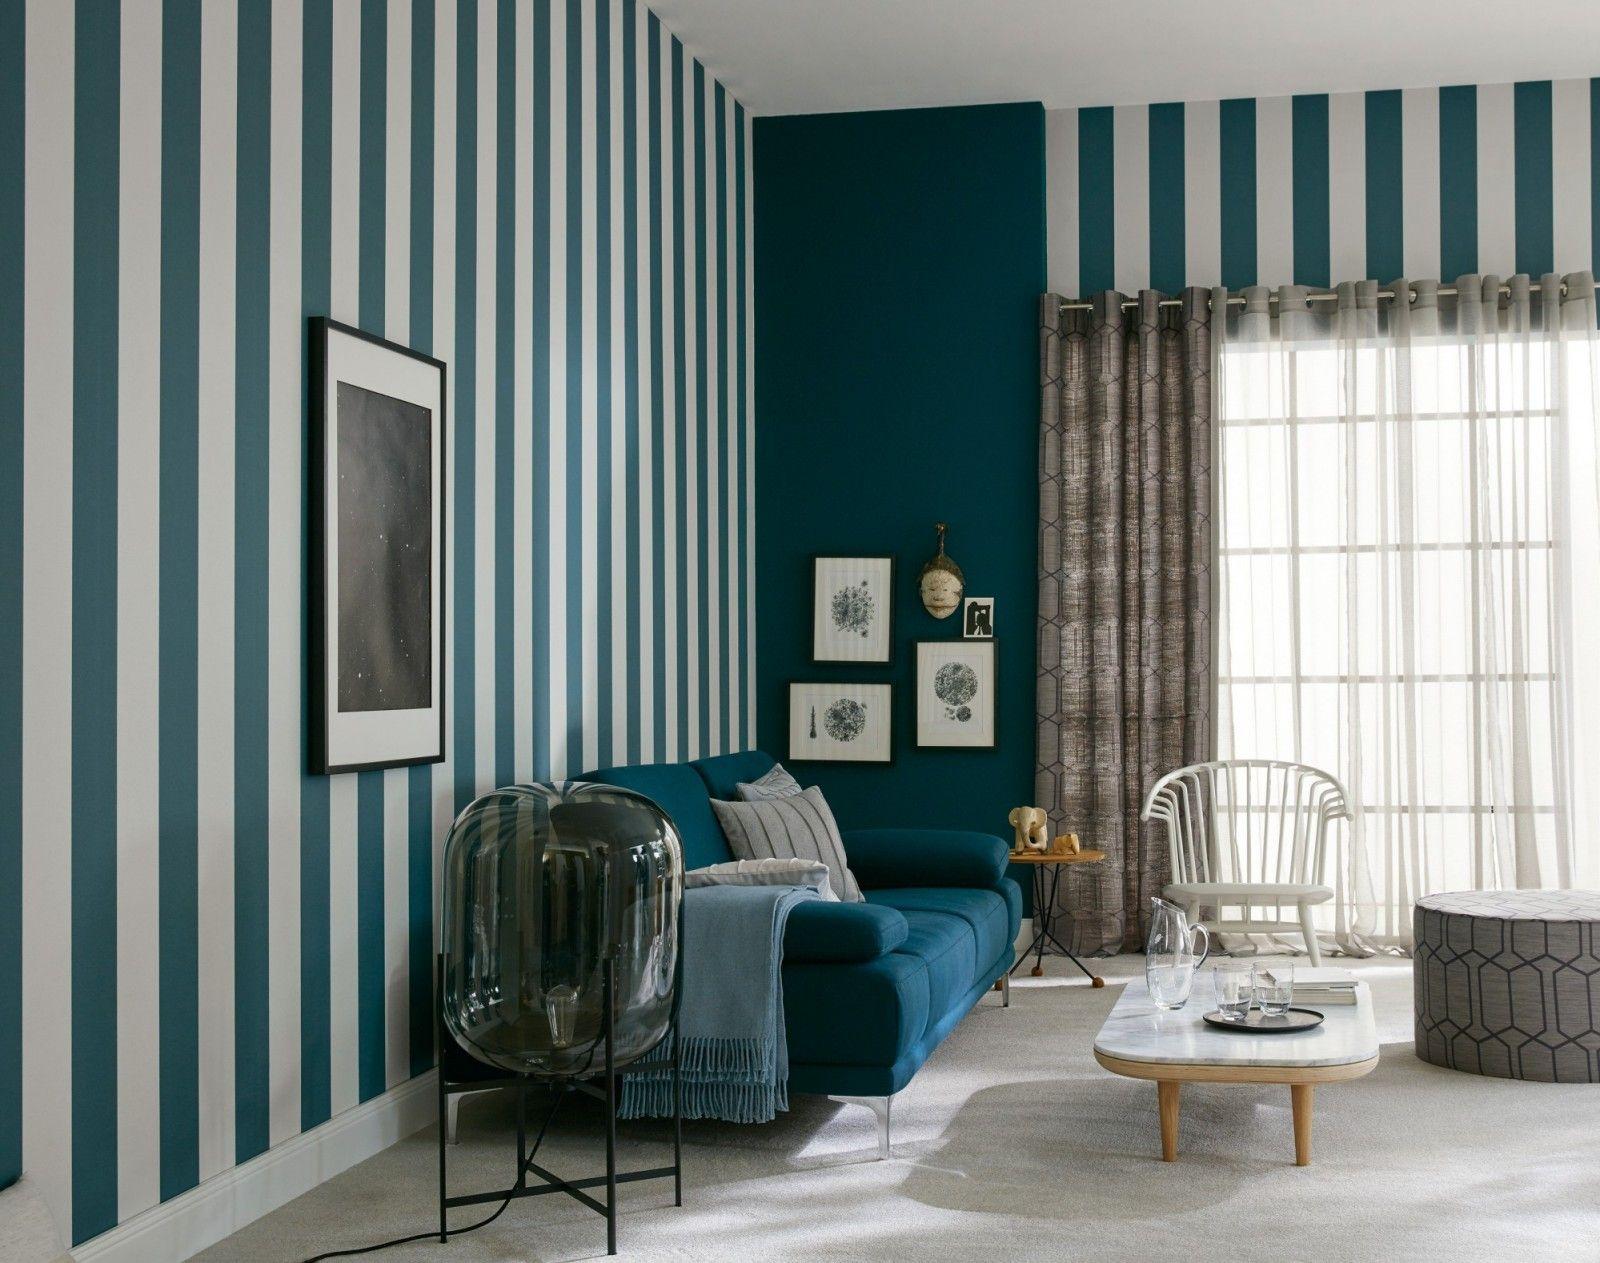 Schoner Wohnen Tapeten Luxus Schoner Wohnen Tapete Streifen Grau Blau Habitacion